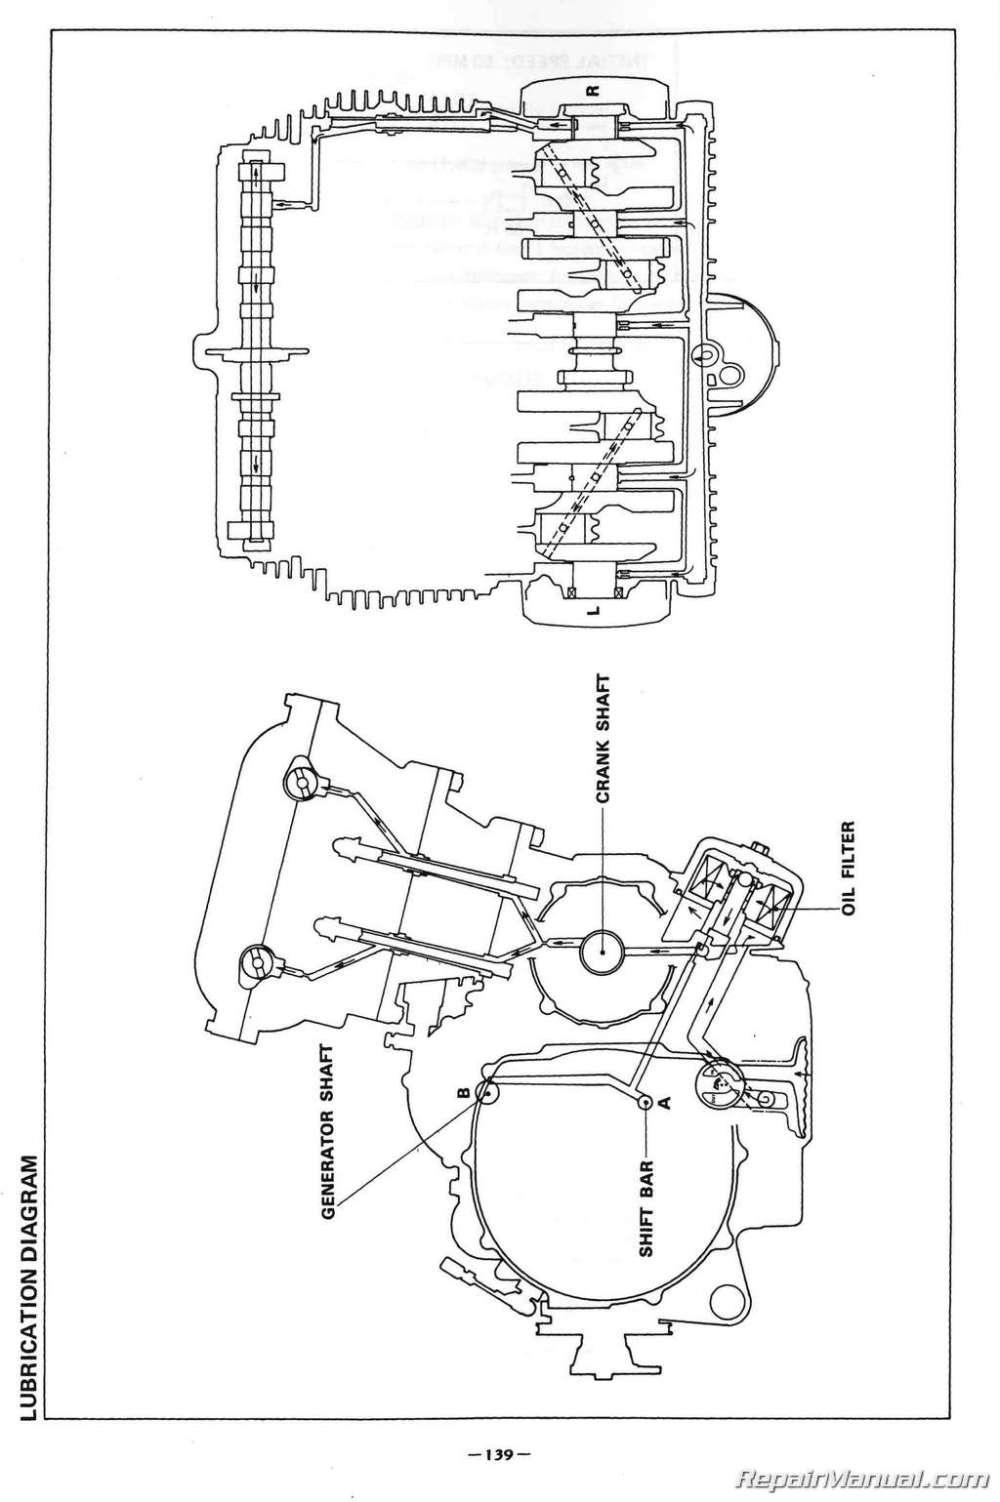 medium resolution of 82 yamaha maxim xj650 wiring diagram